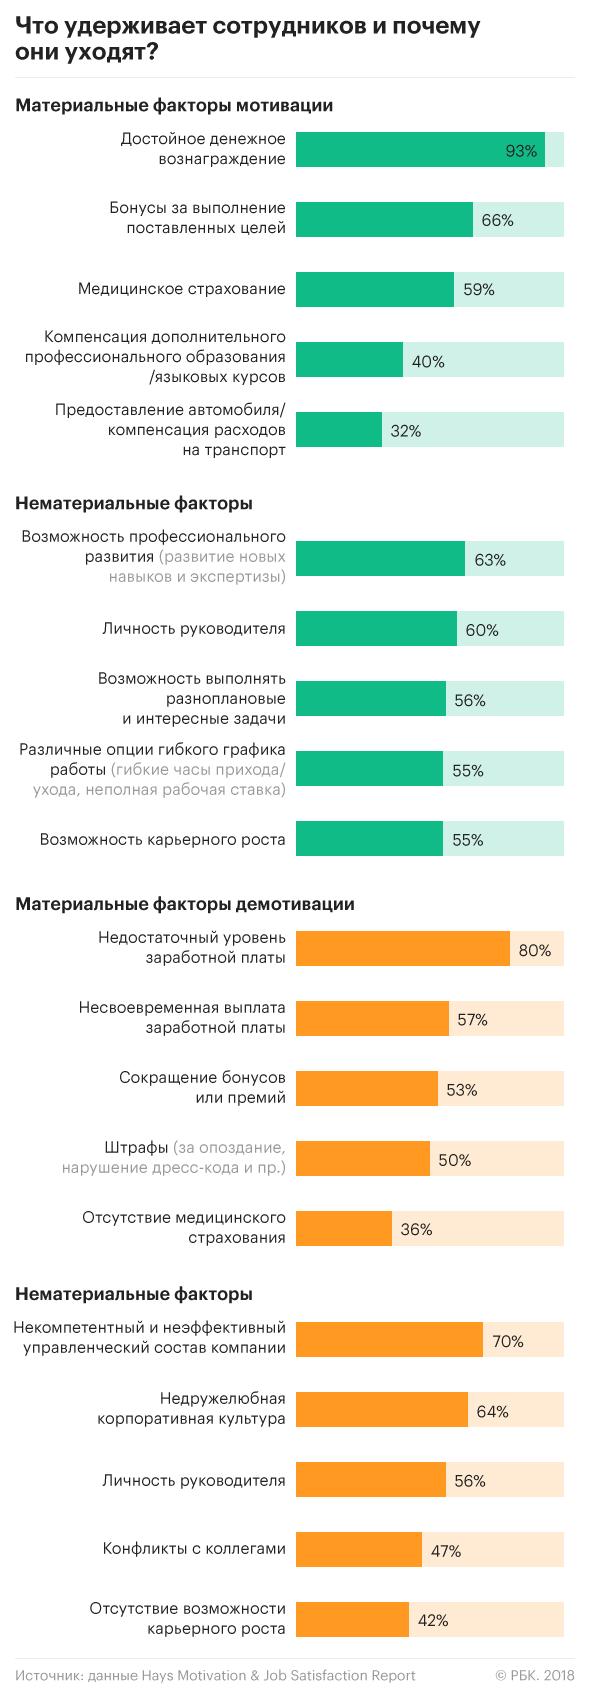 Факторы мотивации персонала и демотивации исследование 2018 г